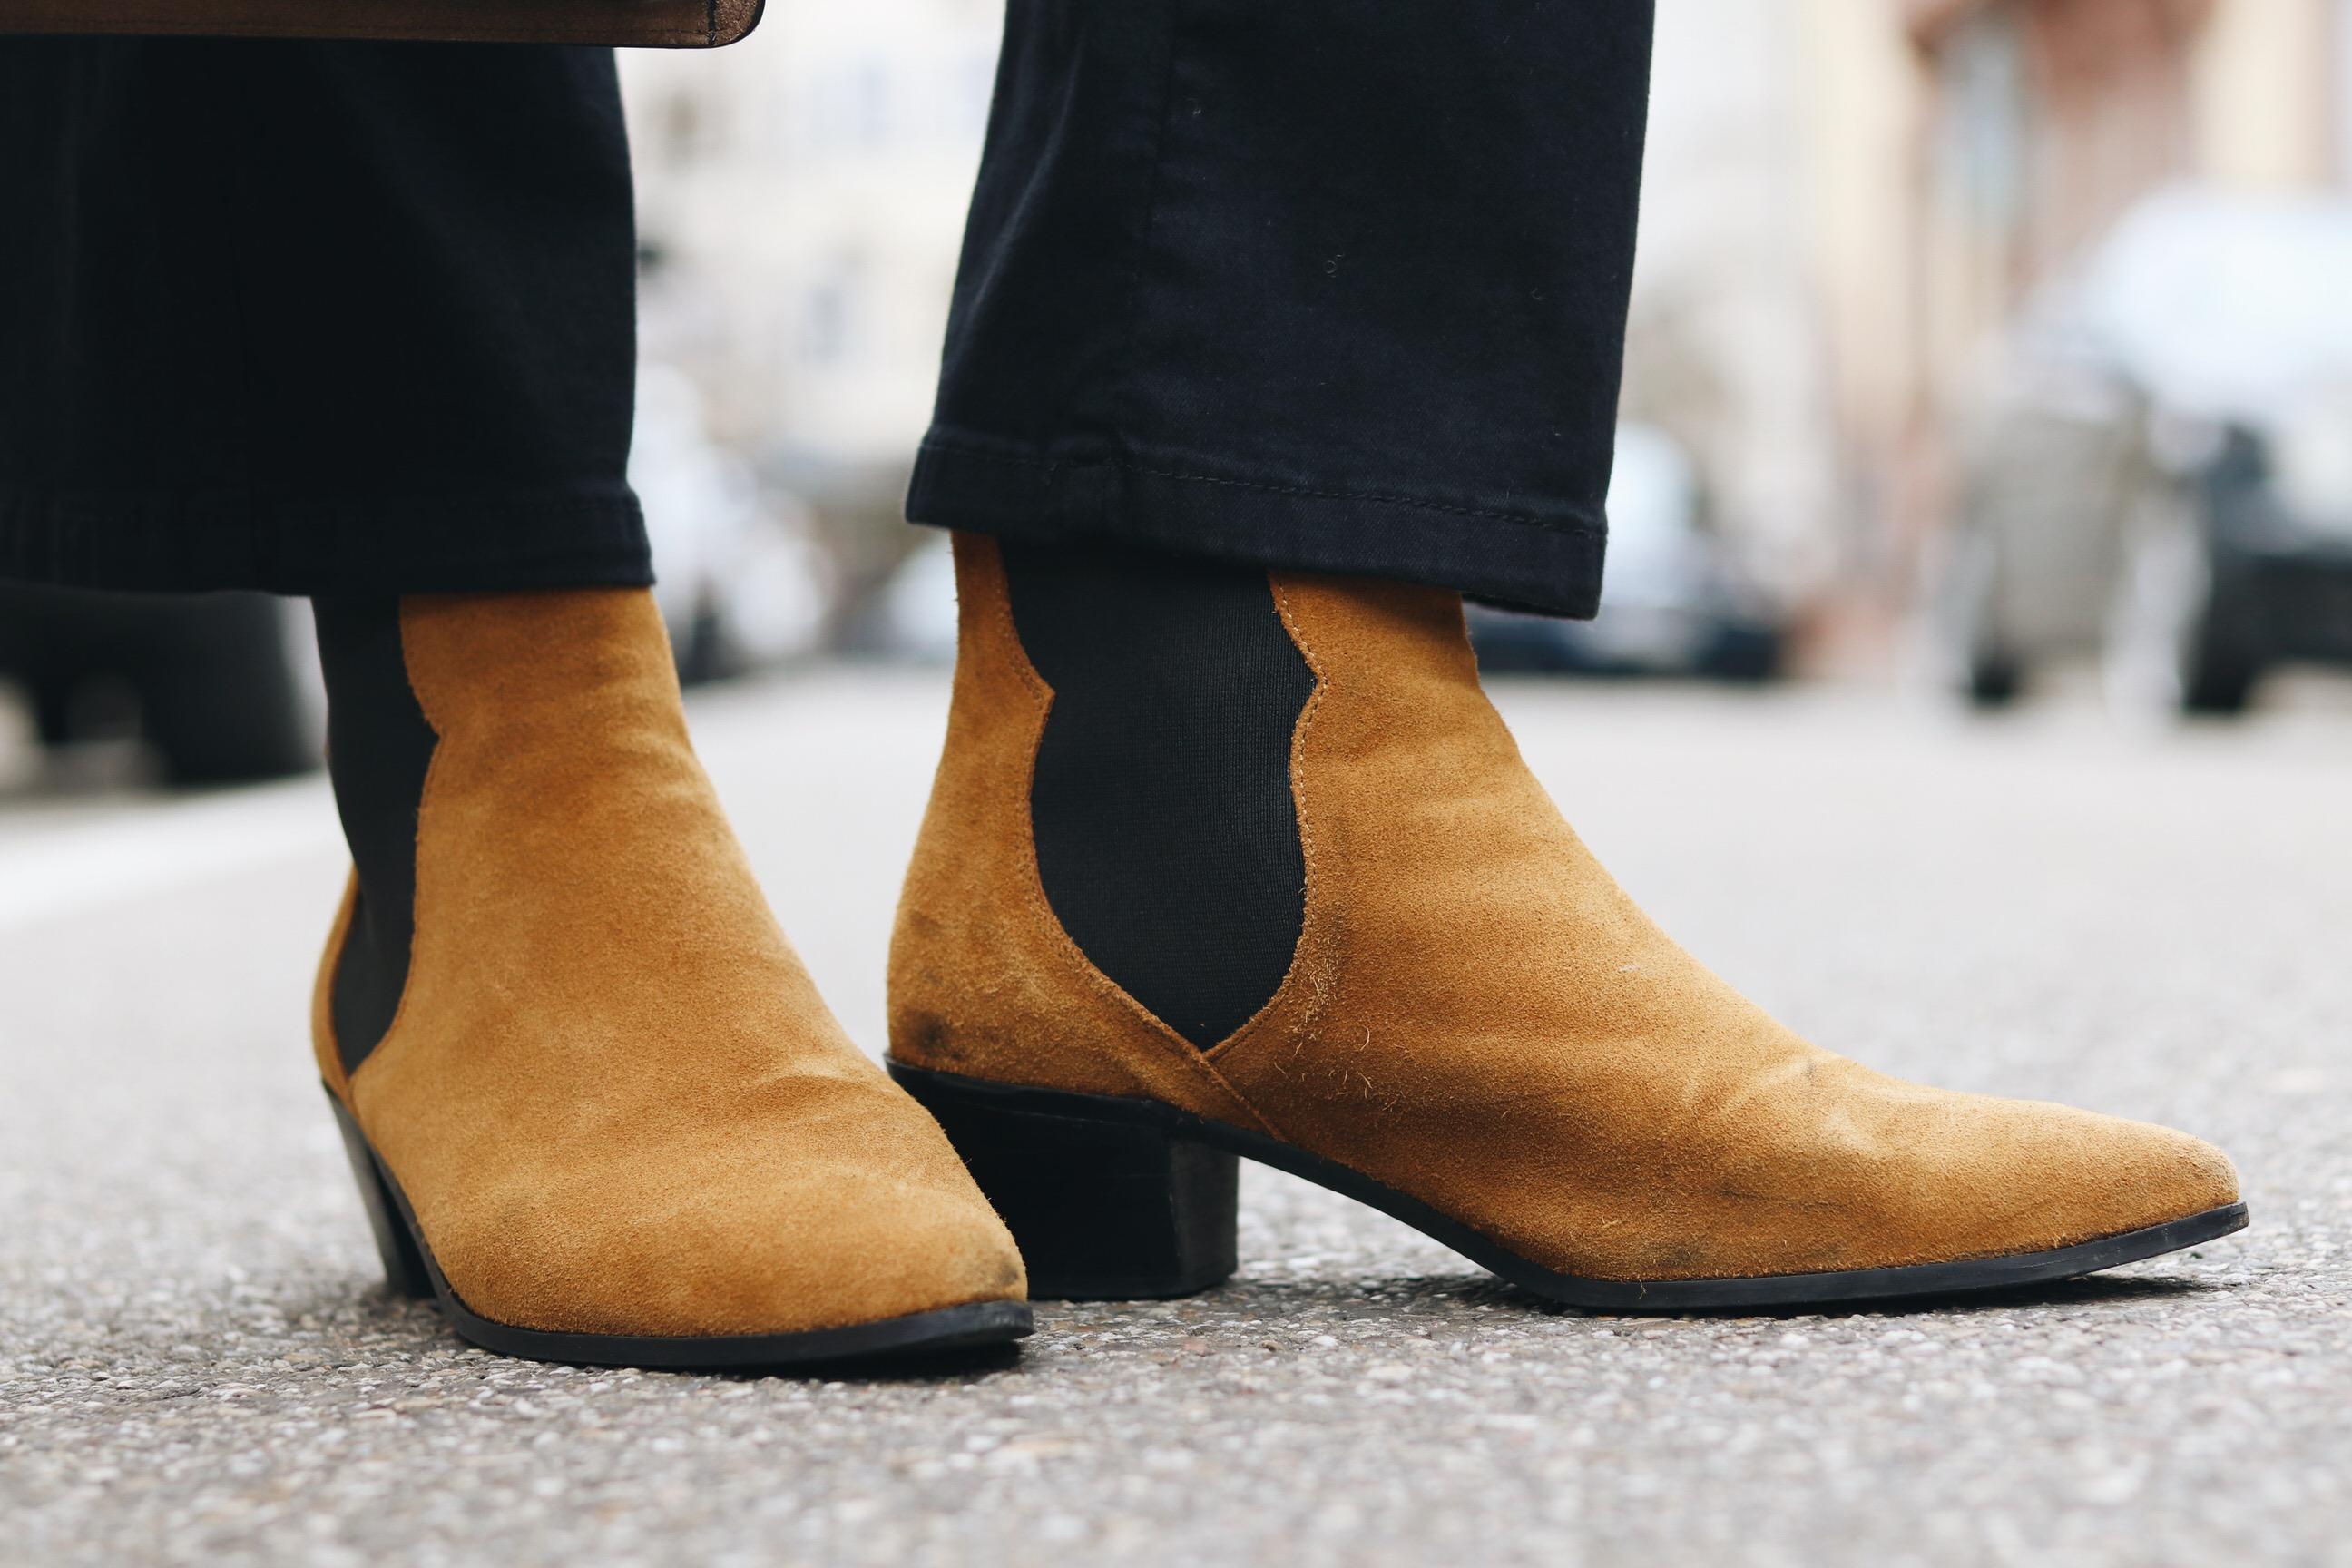 Wildleder Schuhe Blog Modeblog Braun Stiefeletten kombinieren Outfit Fashionblog